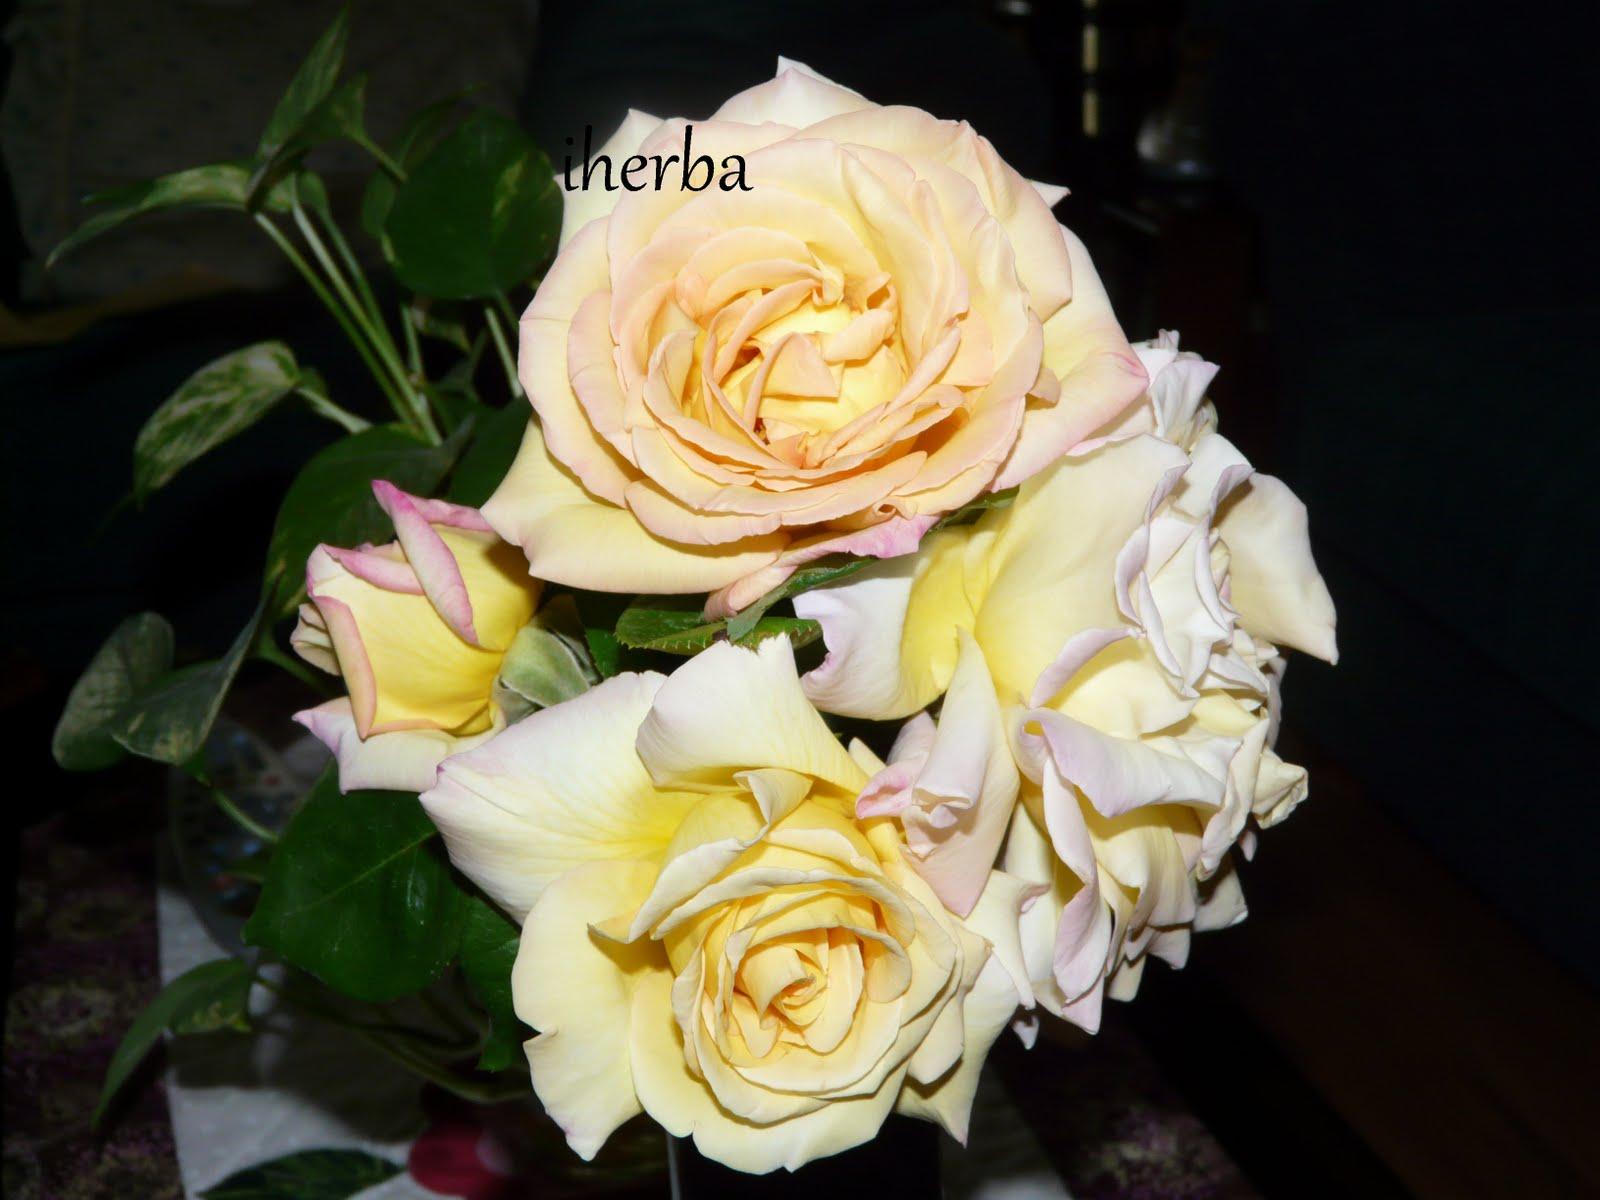 El mundo de las plantas de iherba significado de las flores y plantas rosas - Significado rosas amarillas ...